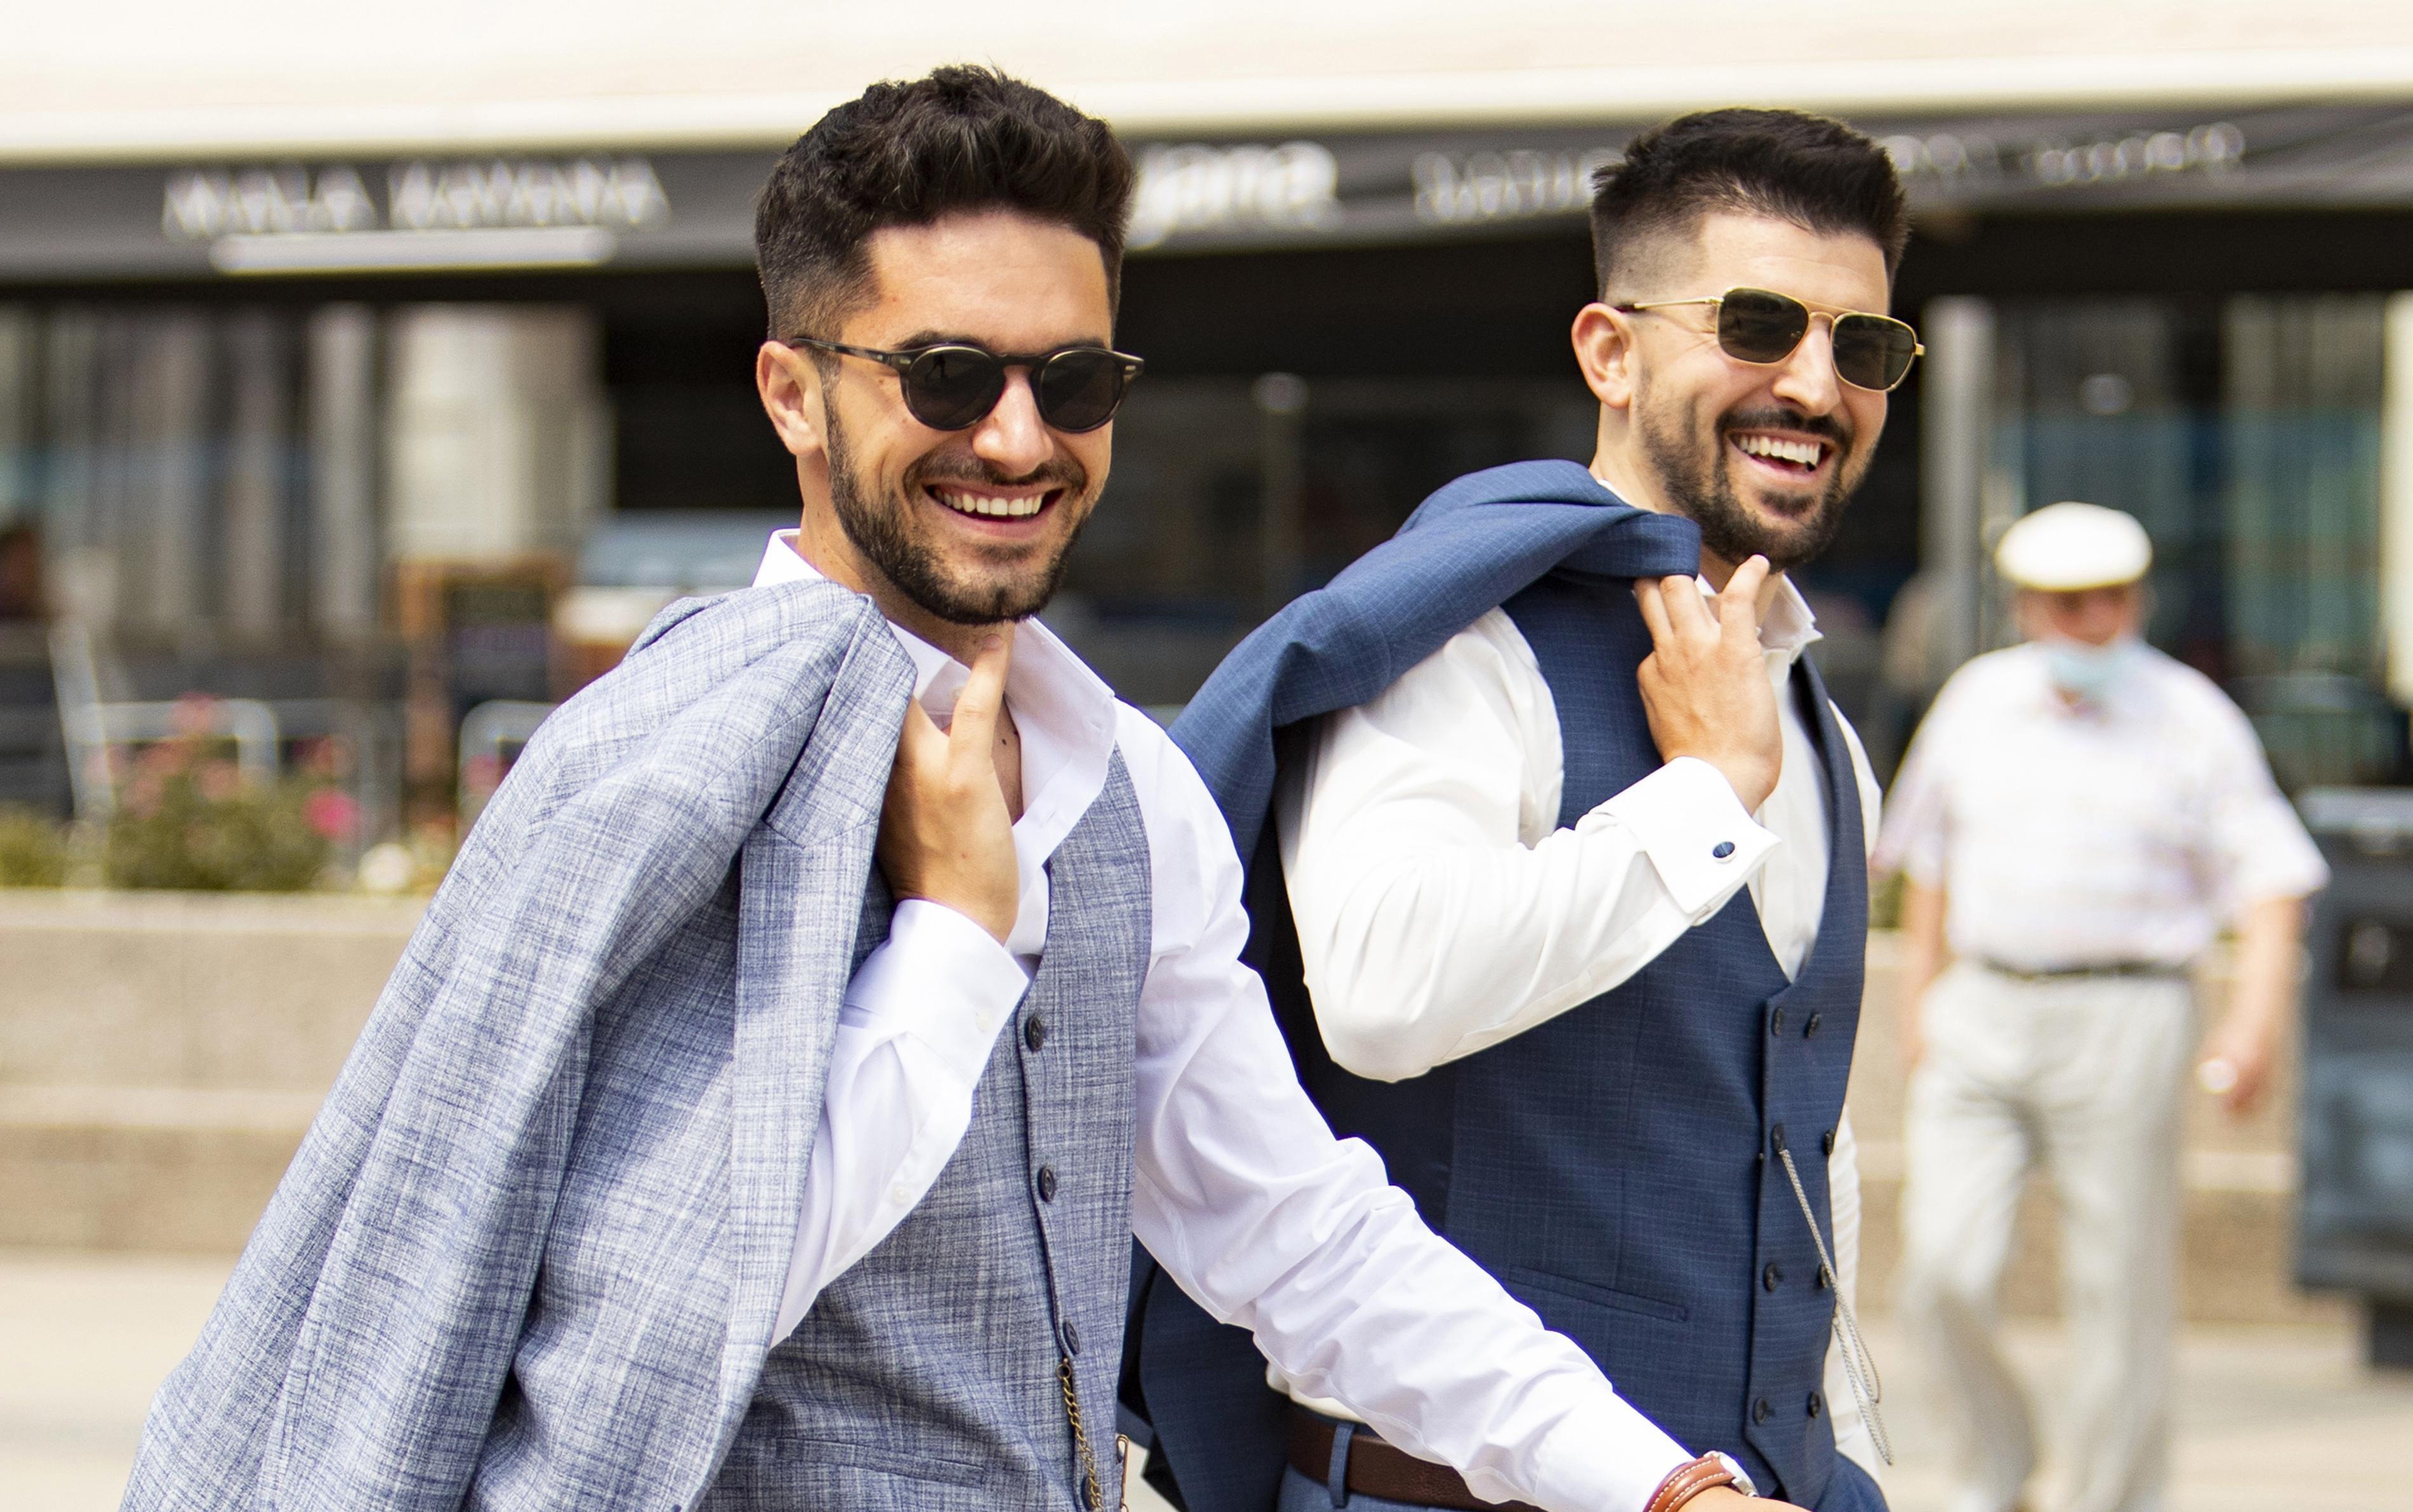 Uz osmijeh od uha do uha: Dečki sa špice najbolja su inspiracija za formalno odijevanje i business dress code